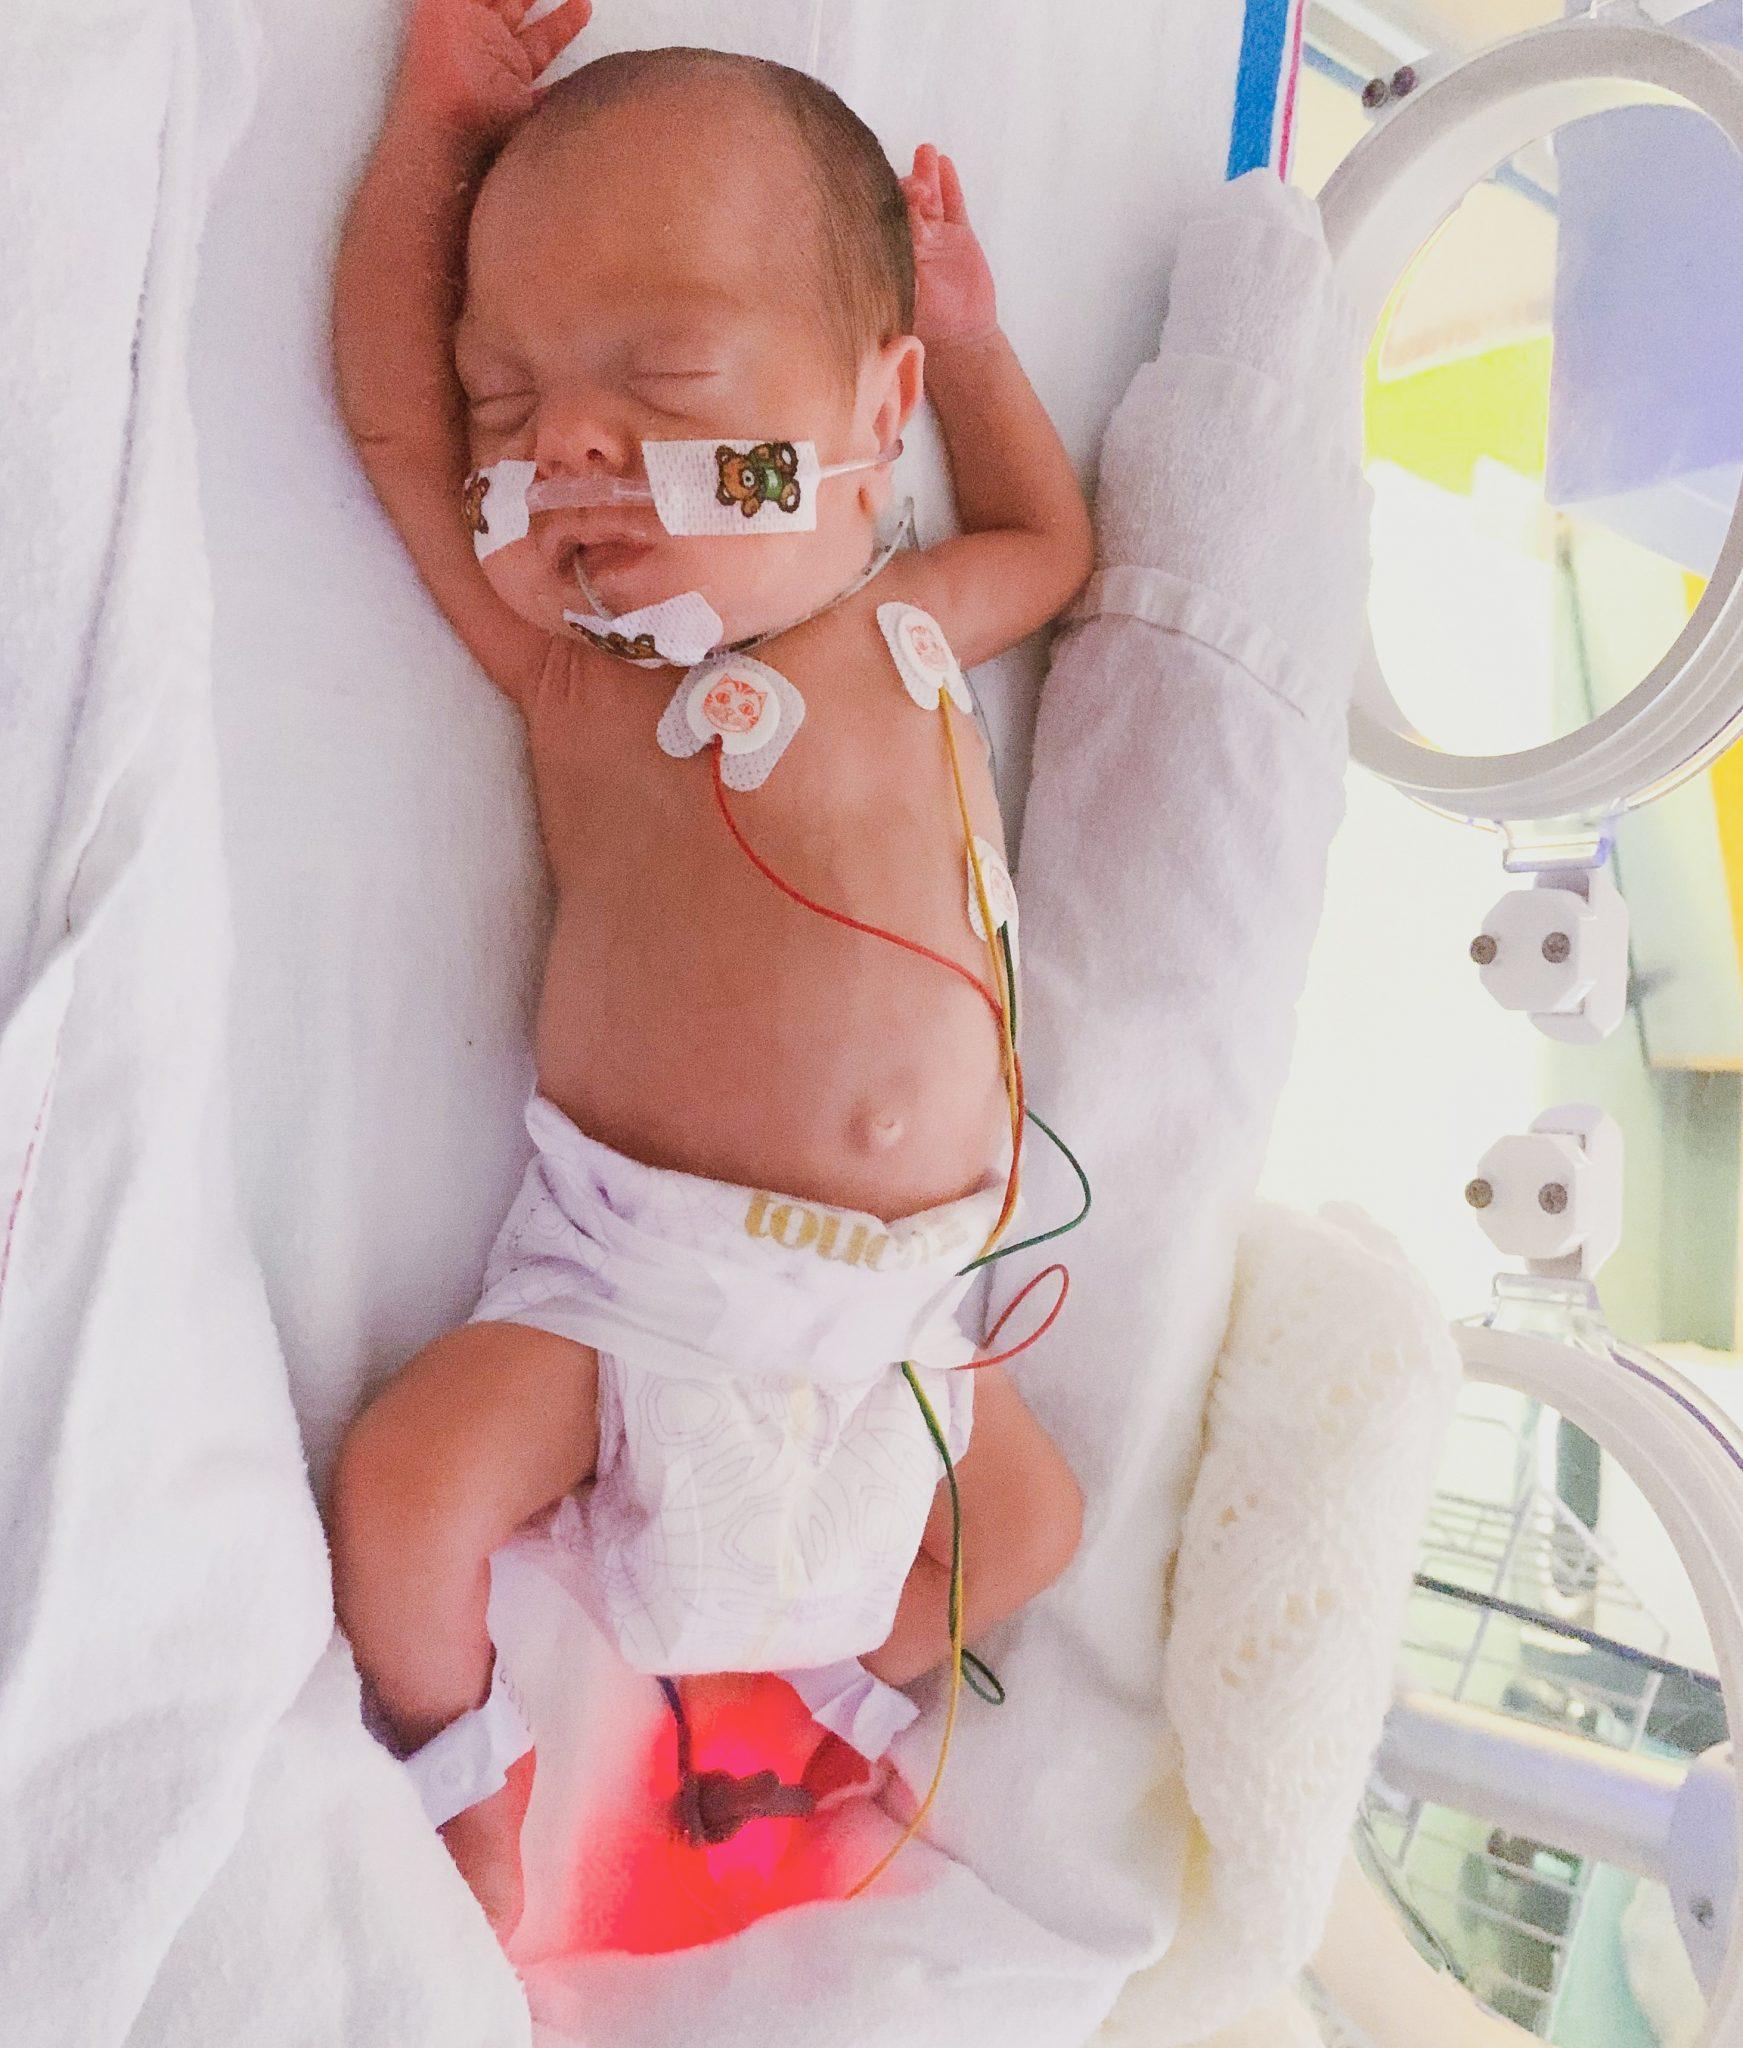 Dottie 6 weeks old